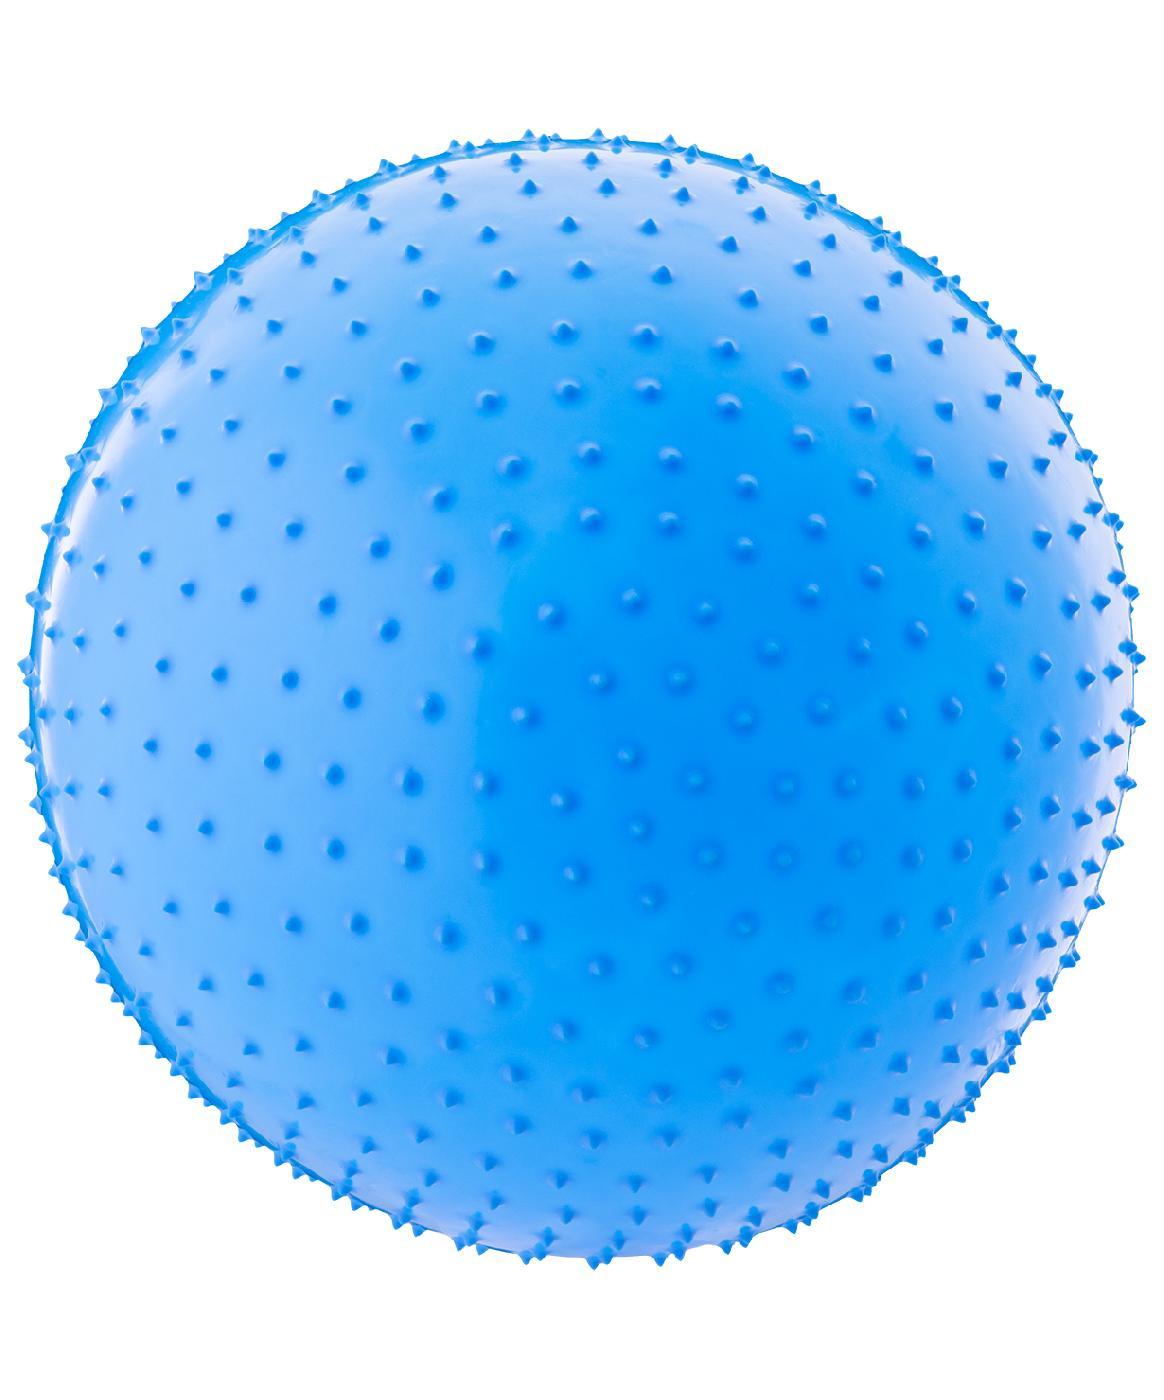 Мяч для фитнеса Starfit Мяч гимнастический массажный GB-301 75 см, антивзрыв, синий starfit мяч гимнастический массажный gb 301 65 см фиолетовый антивзрыв